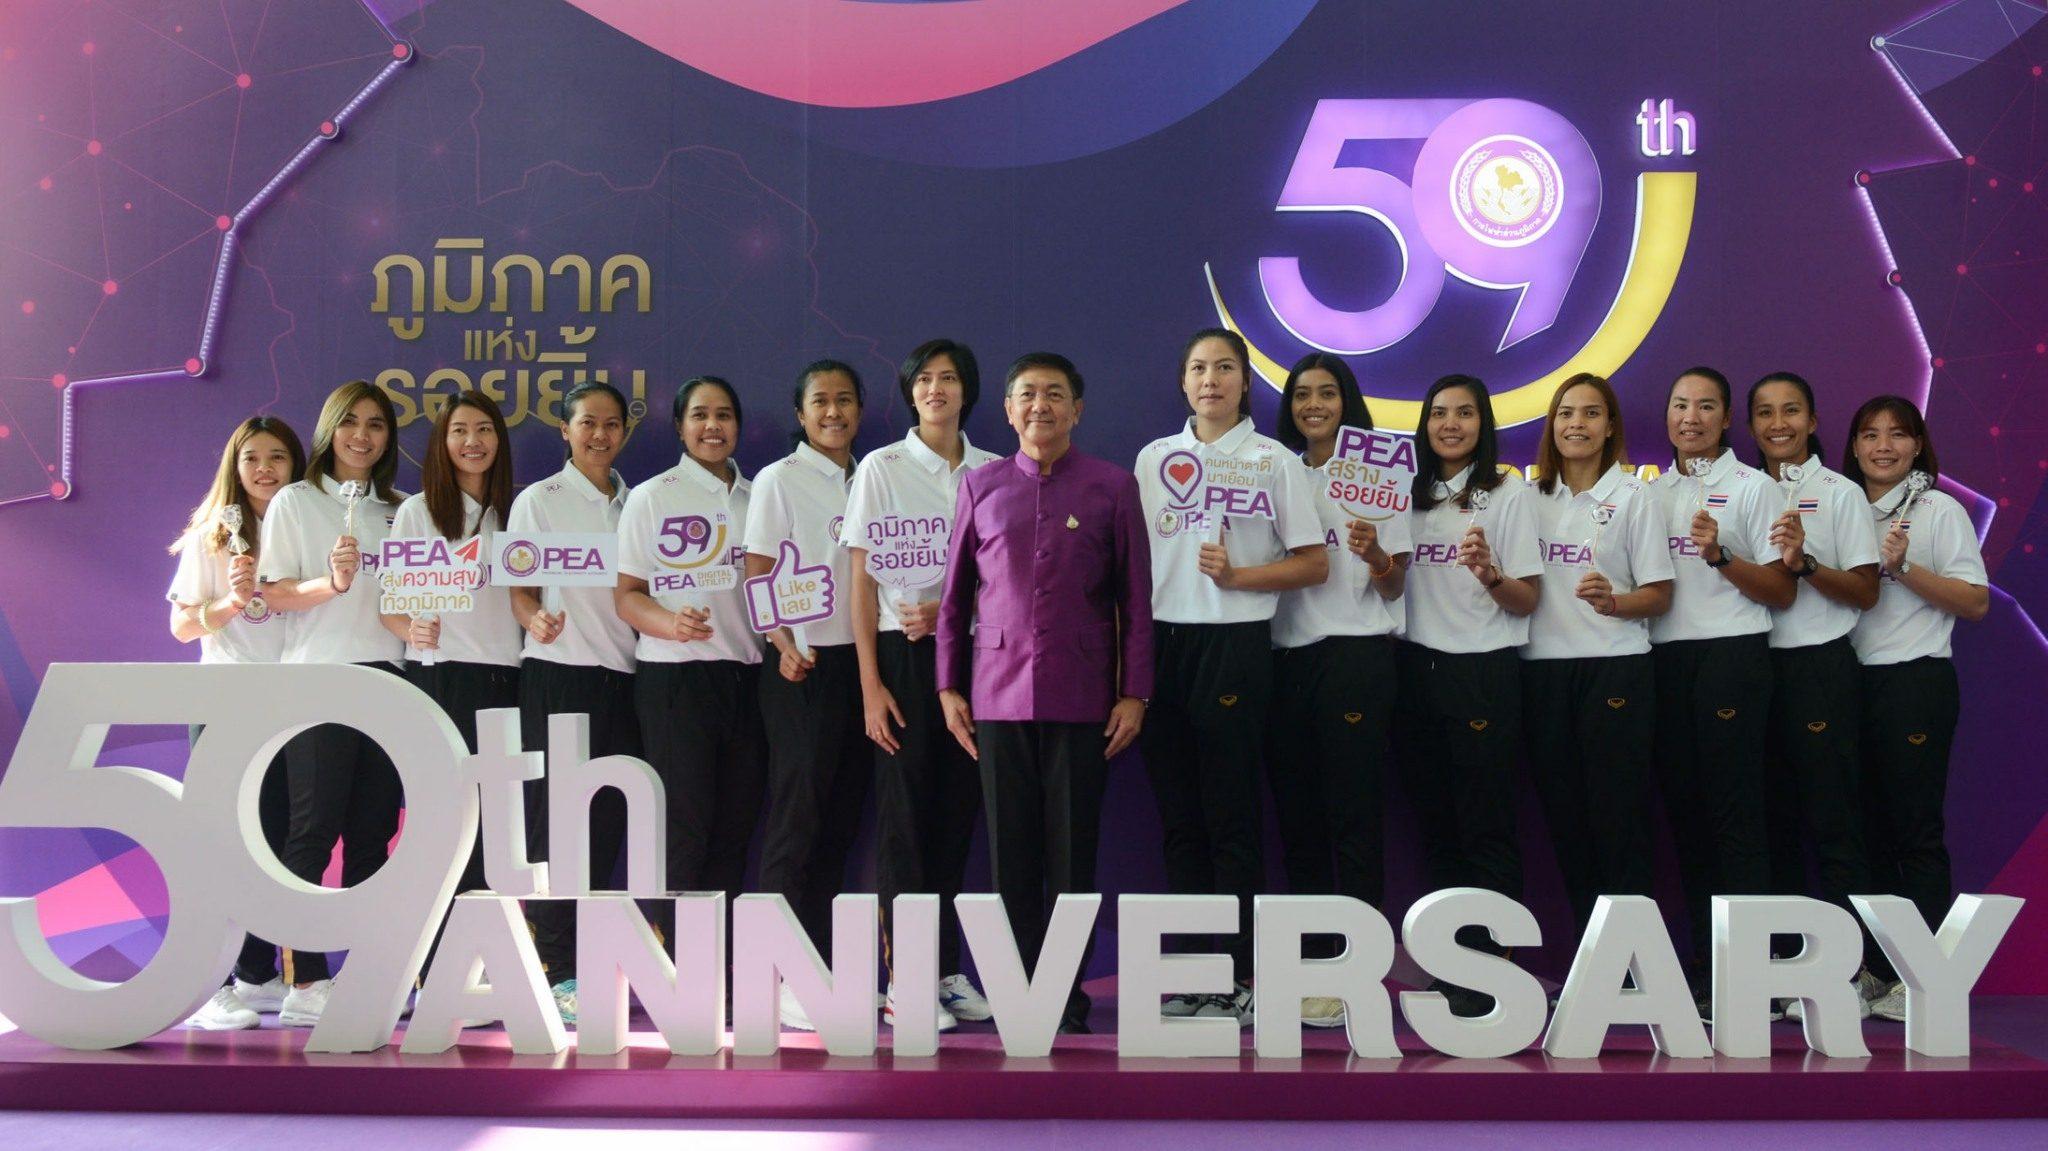 ครบรอบ 59 ปี PEA สว่างทั่วทิศ สร้างคุณภาพชีวิตทั่วไทย